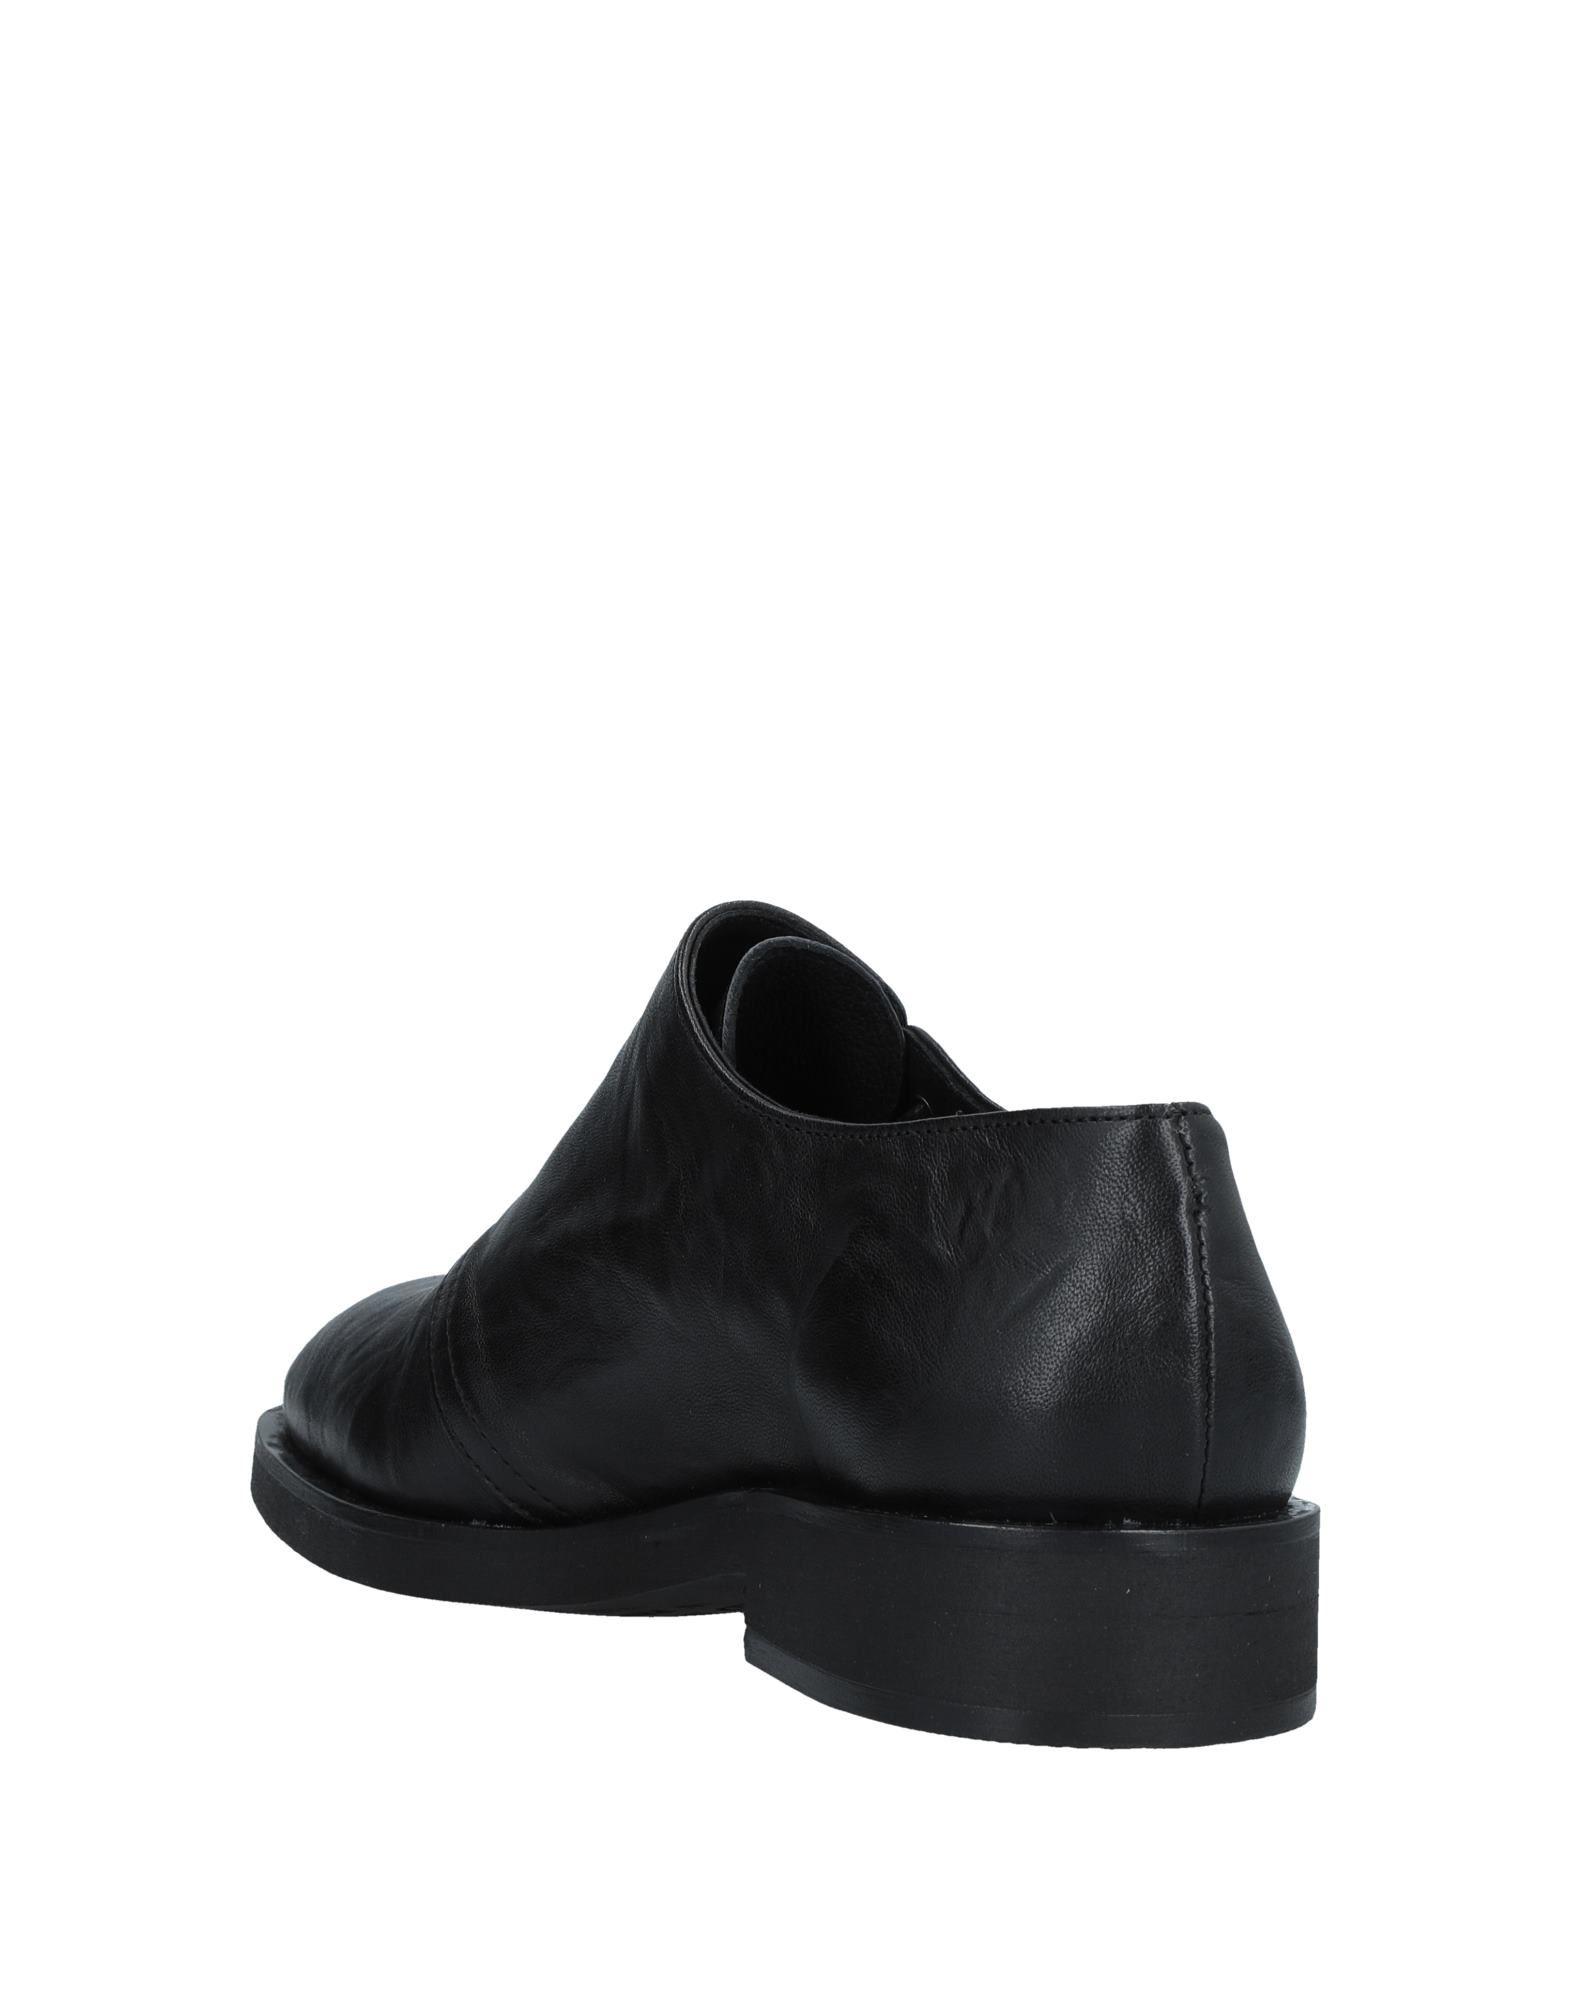 Stilvolle Chocolà billige Schuhe Chocolà Stilvolle Schnürschuhe Damen  11526269SC 7f540e